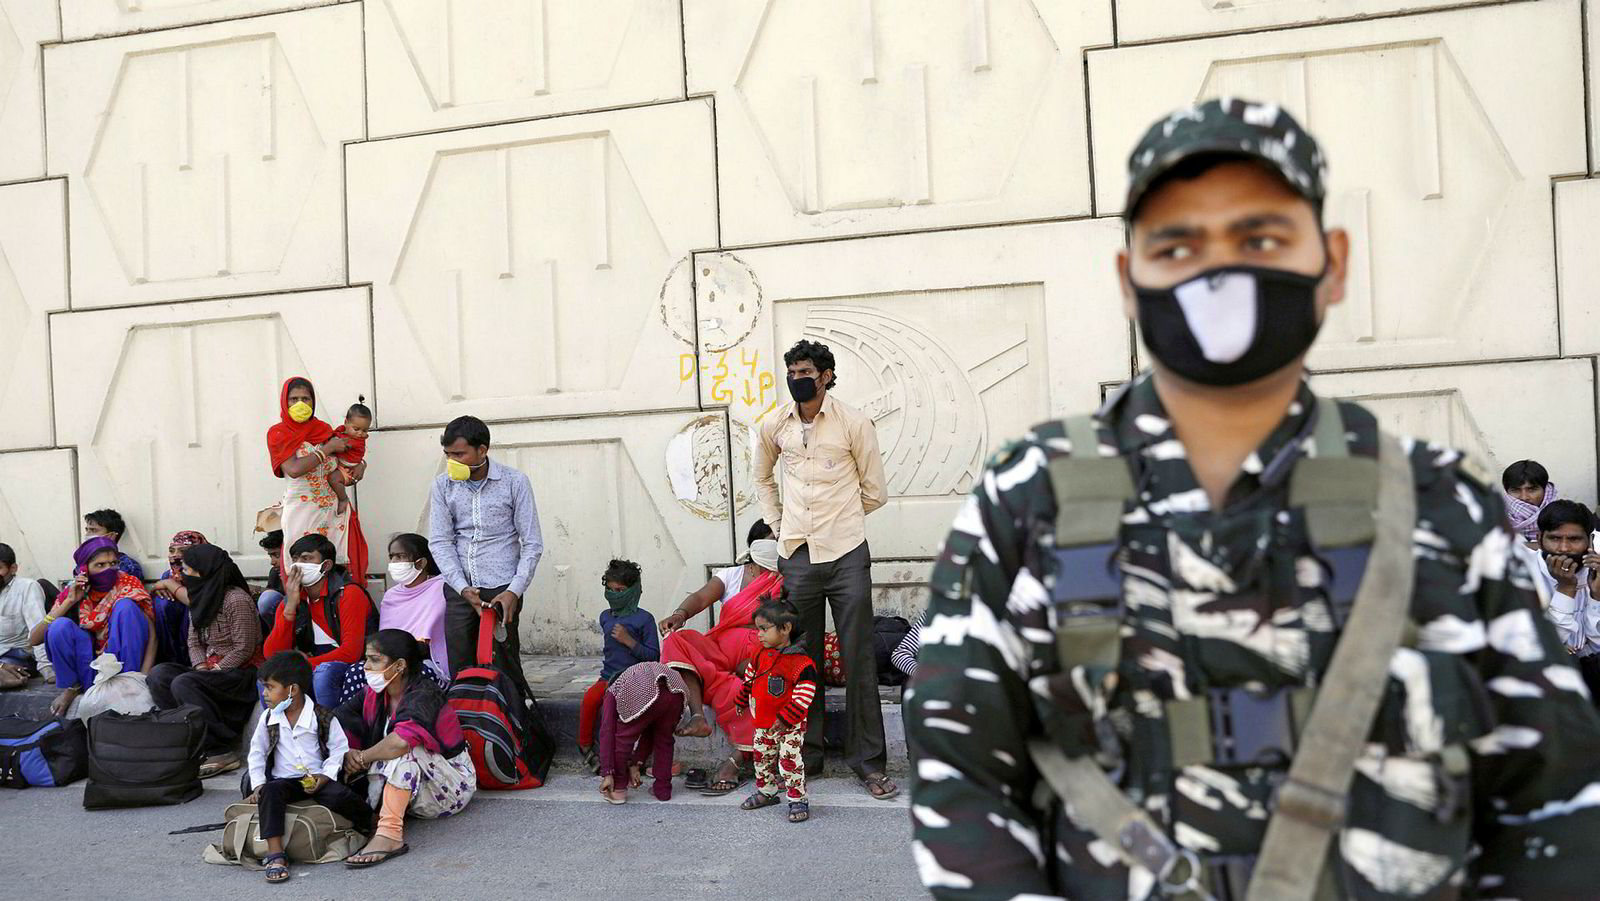 Selv om myndighetene kunngjorde hjelpetiltak, stanset ikke det flukten. Lørdag ble det sendt busser og biler for å hjelpe tusener av mennesker som var samlet ved et veikryss utenfor New Delhi. Her venter arbeidere på de oppsatte bussene, i Ghaziabad utenfor New Delhi, lørdag.